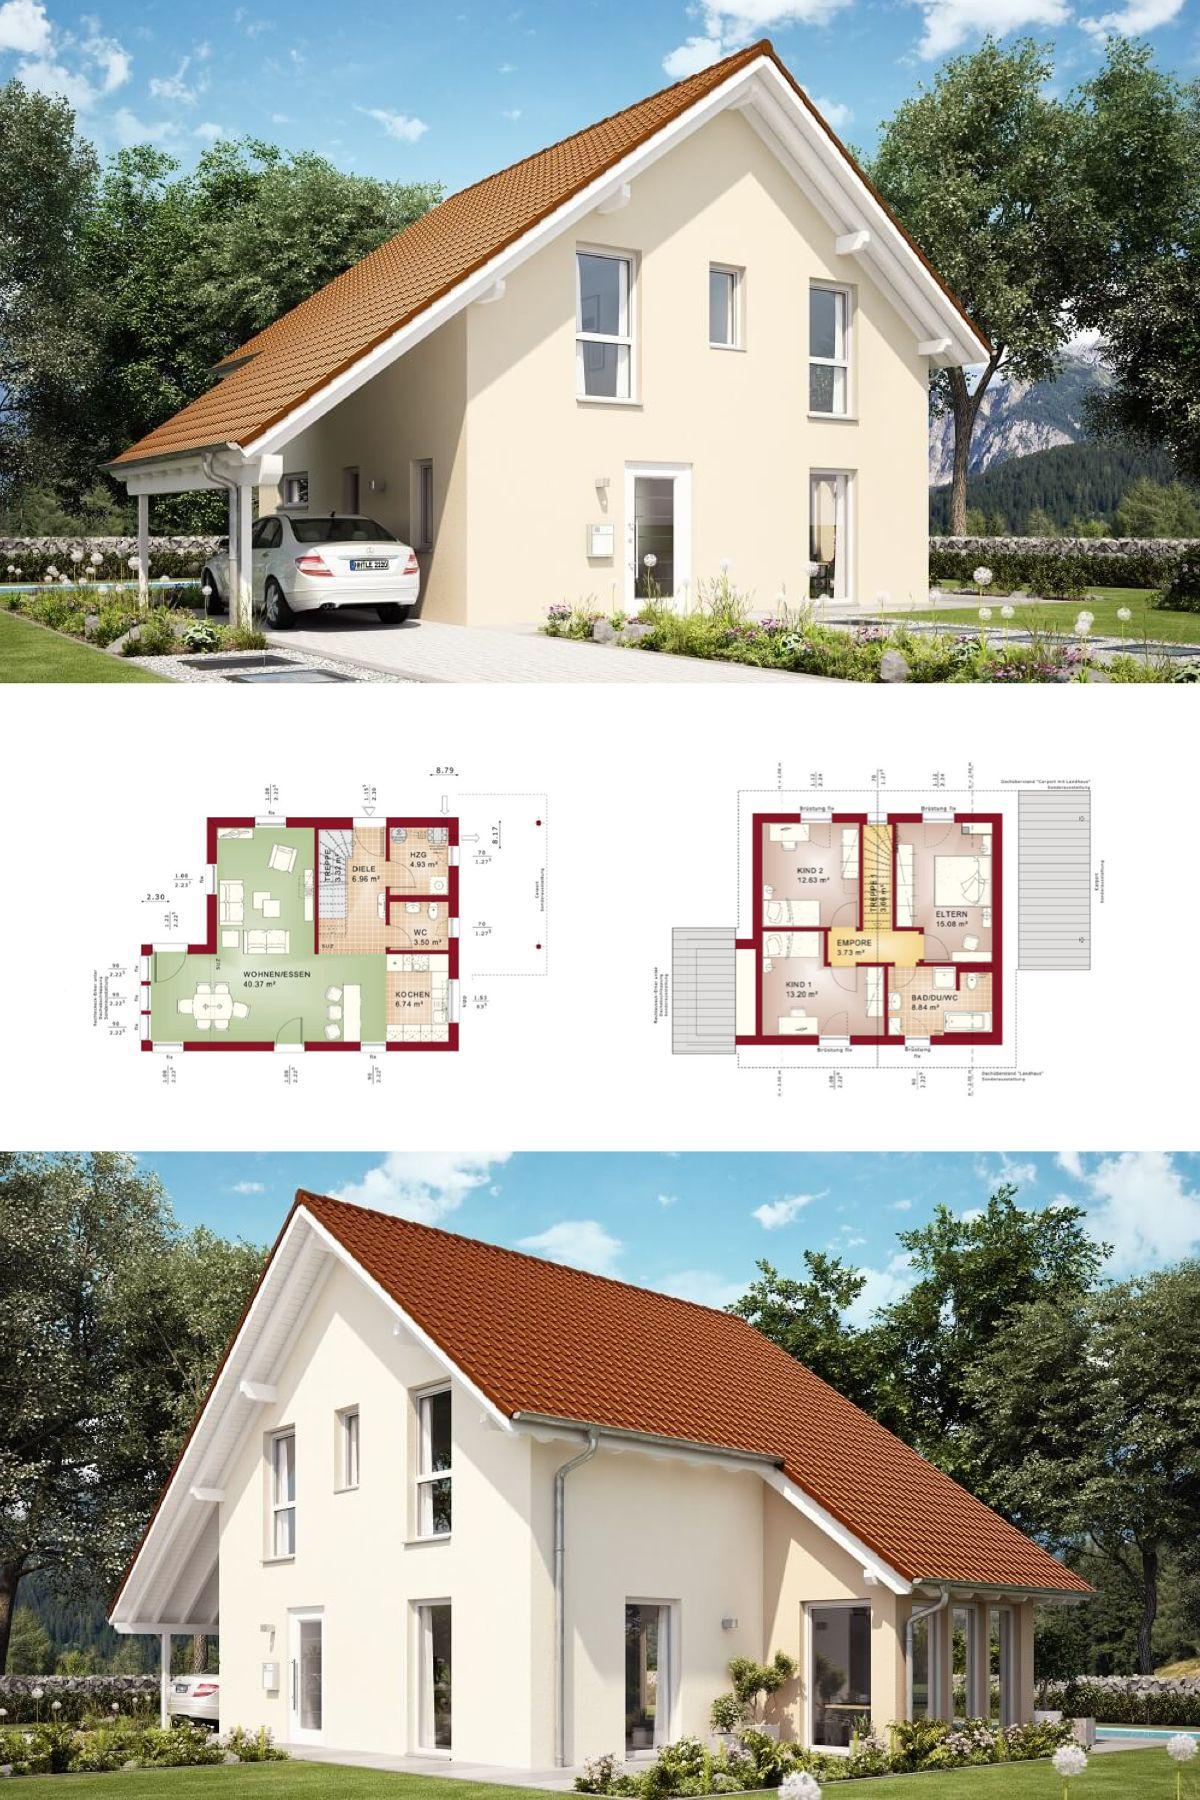 Elegant Einfamilienhaus Mit Satteldach | Haus Evolution 116 V8 Bien Zenker |  Modernes Fertighaus Bauen Satteldach Fassade